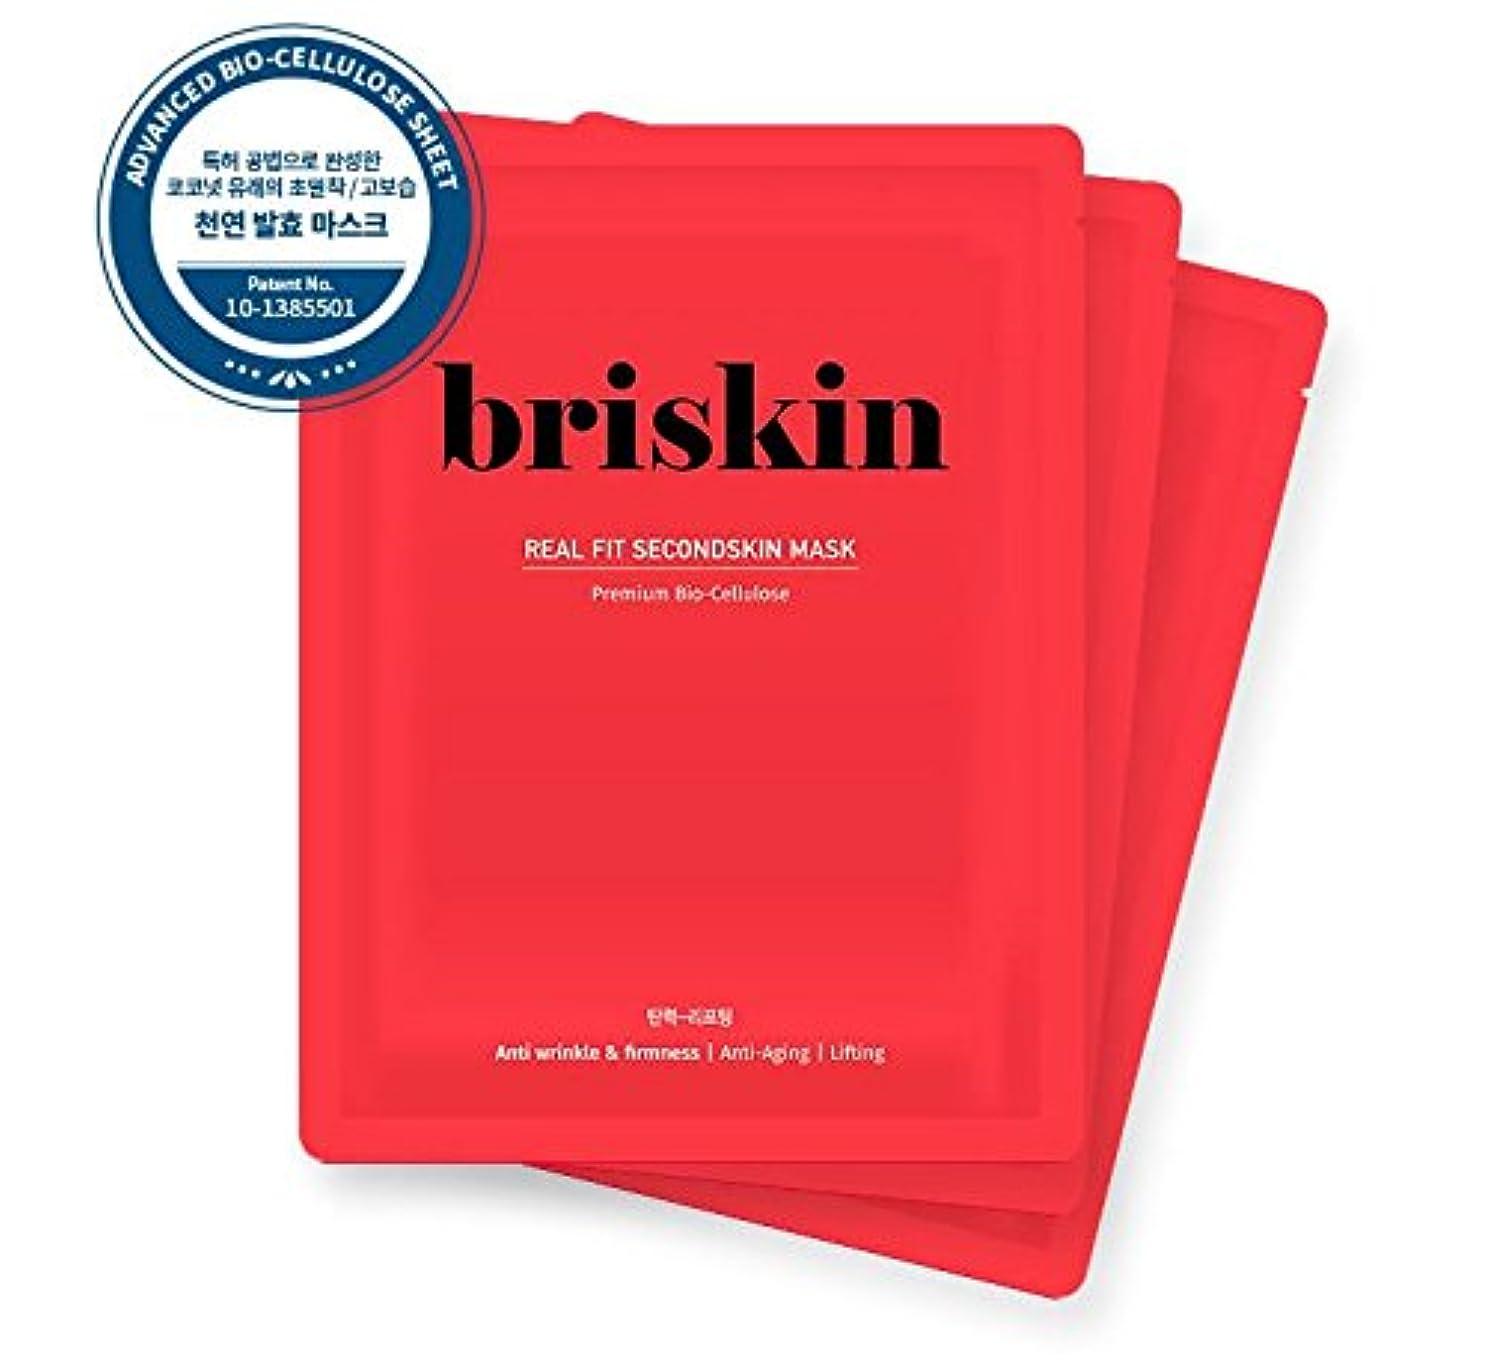 堂々たる邪魔する欲求不満Briskin Real Fit Secondskin Mask [Wrinkle & Firmness] ブリスキン シートマスク 弾力 (5枚) [並行輸入品]